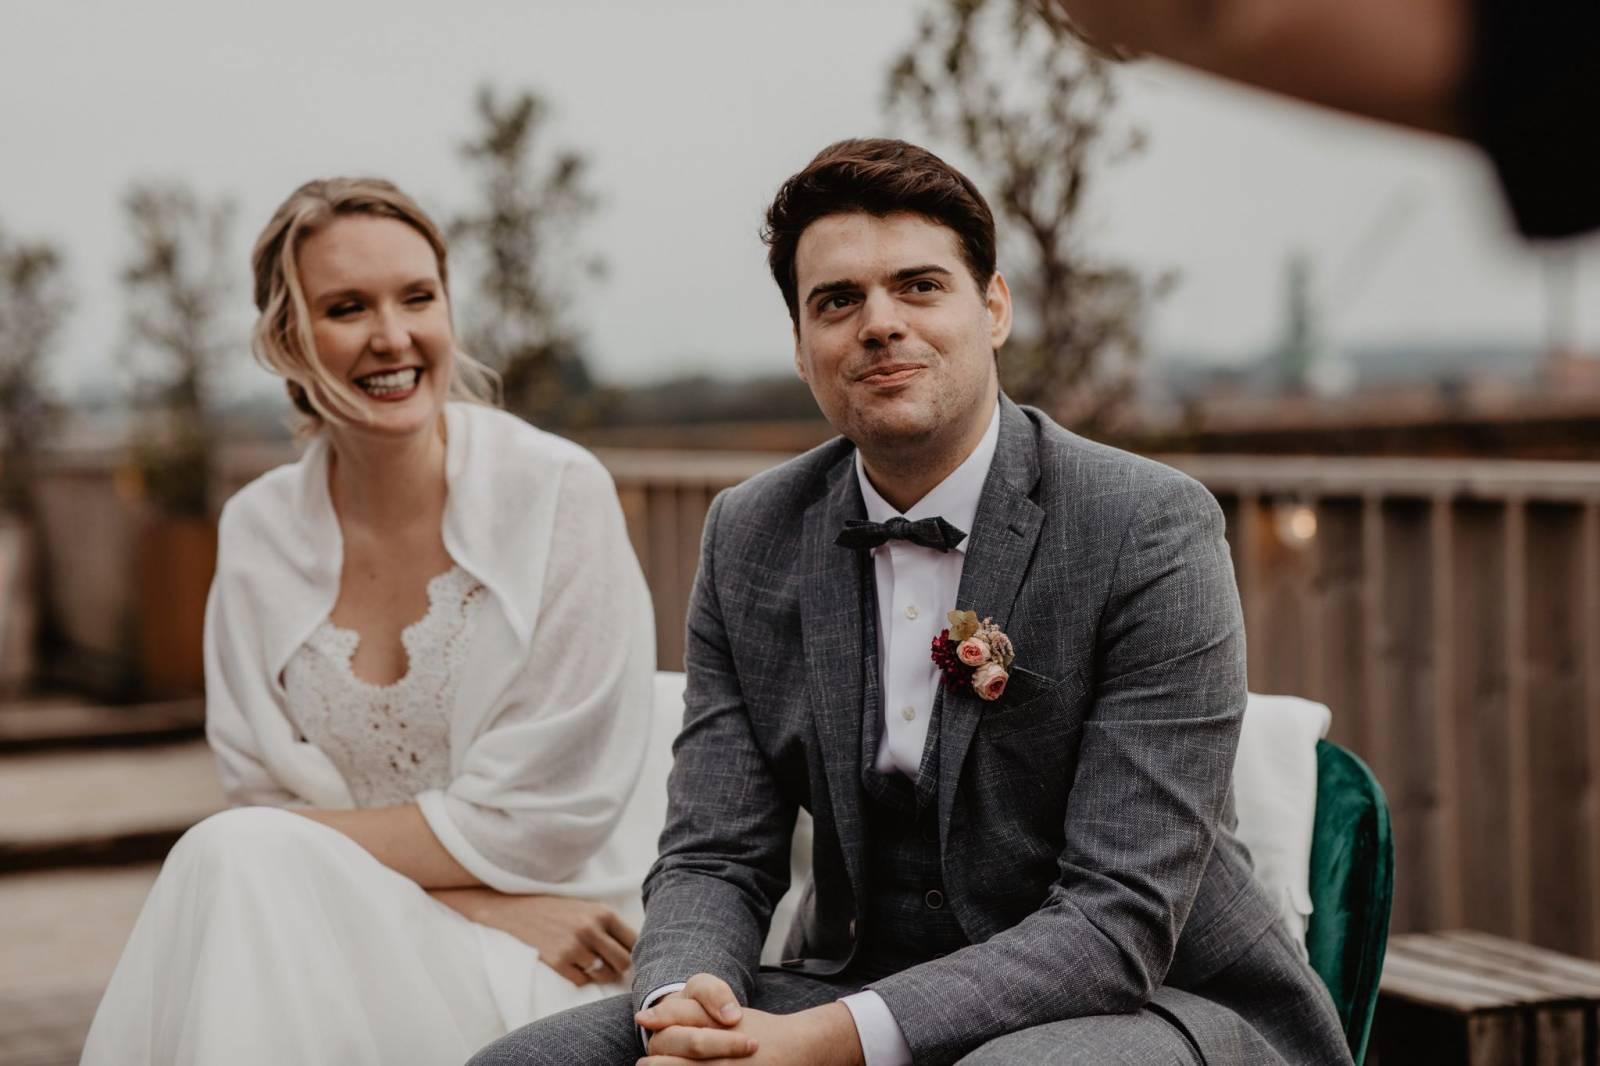 Woorden van Eva - Ceremoniespreker - Fotograaf Anneleen Jegers Photography - House of Weddings - 2